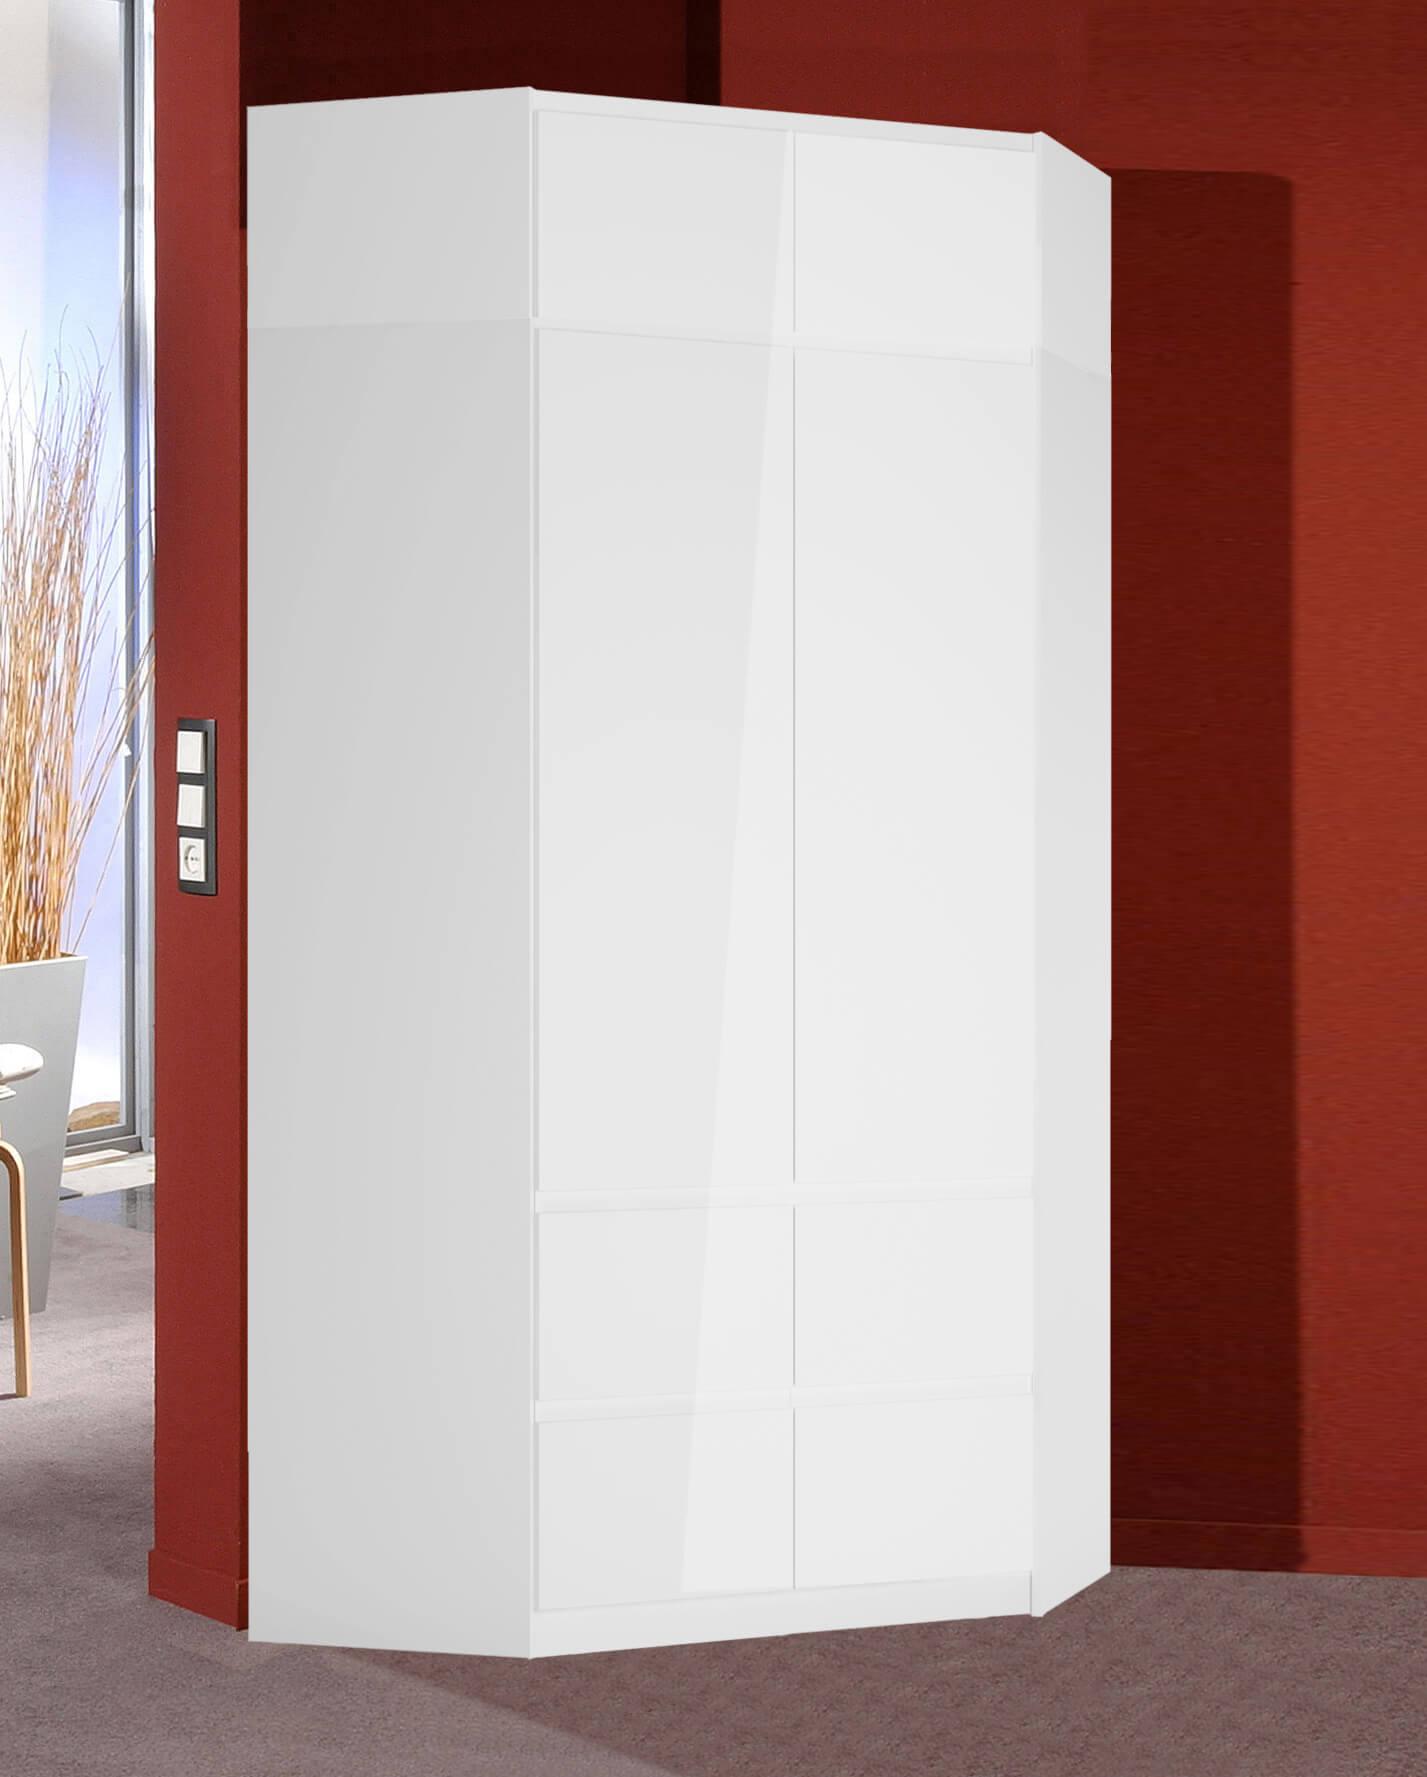 Eck Kleiderschrank Schlafzimmerschrank Aufsatz 121x121cm Weiss Matt Weiss Hochglanz Kleiderschranke Schlafzimmer Feldmann Wohnen Gmbh Online Shop